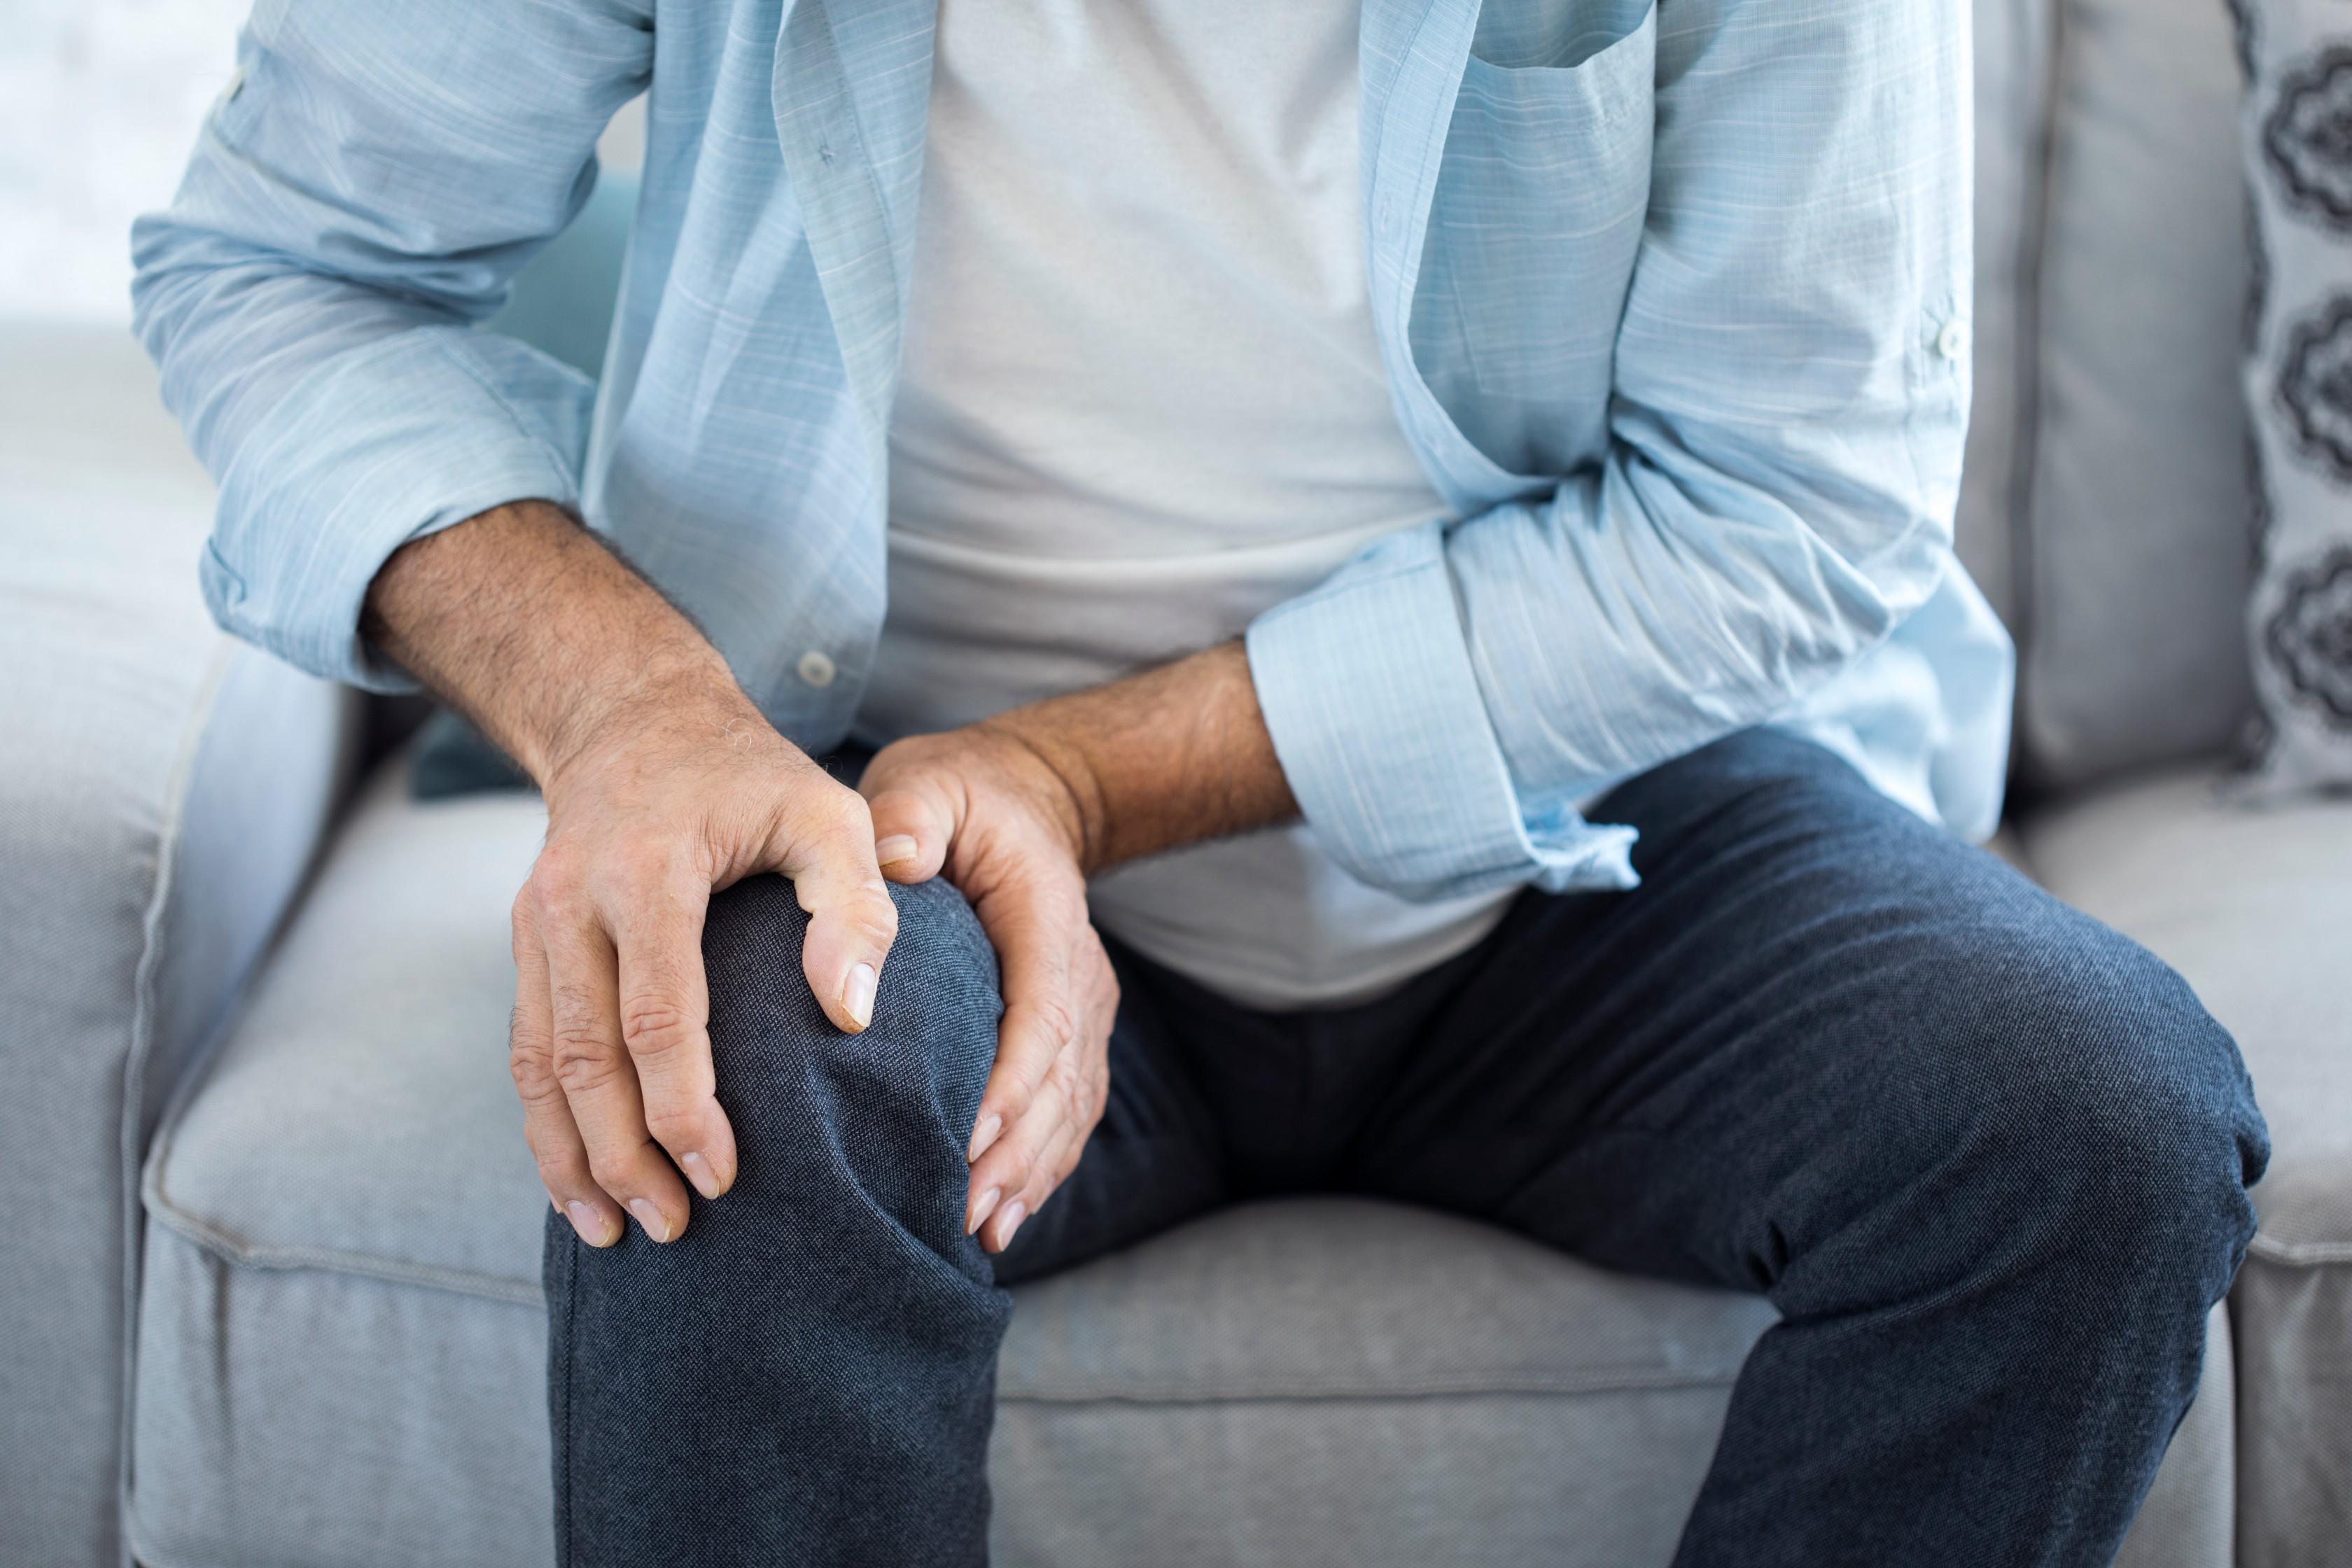 az ívízületek ízületi gyulladásának kezelése szisztémás kötőszöveti betegségek ezt